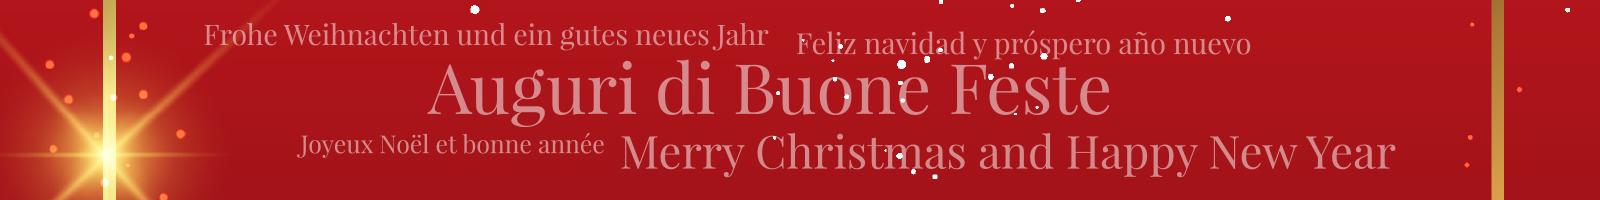 banner-christmas